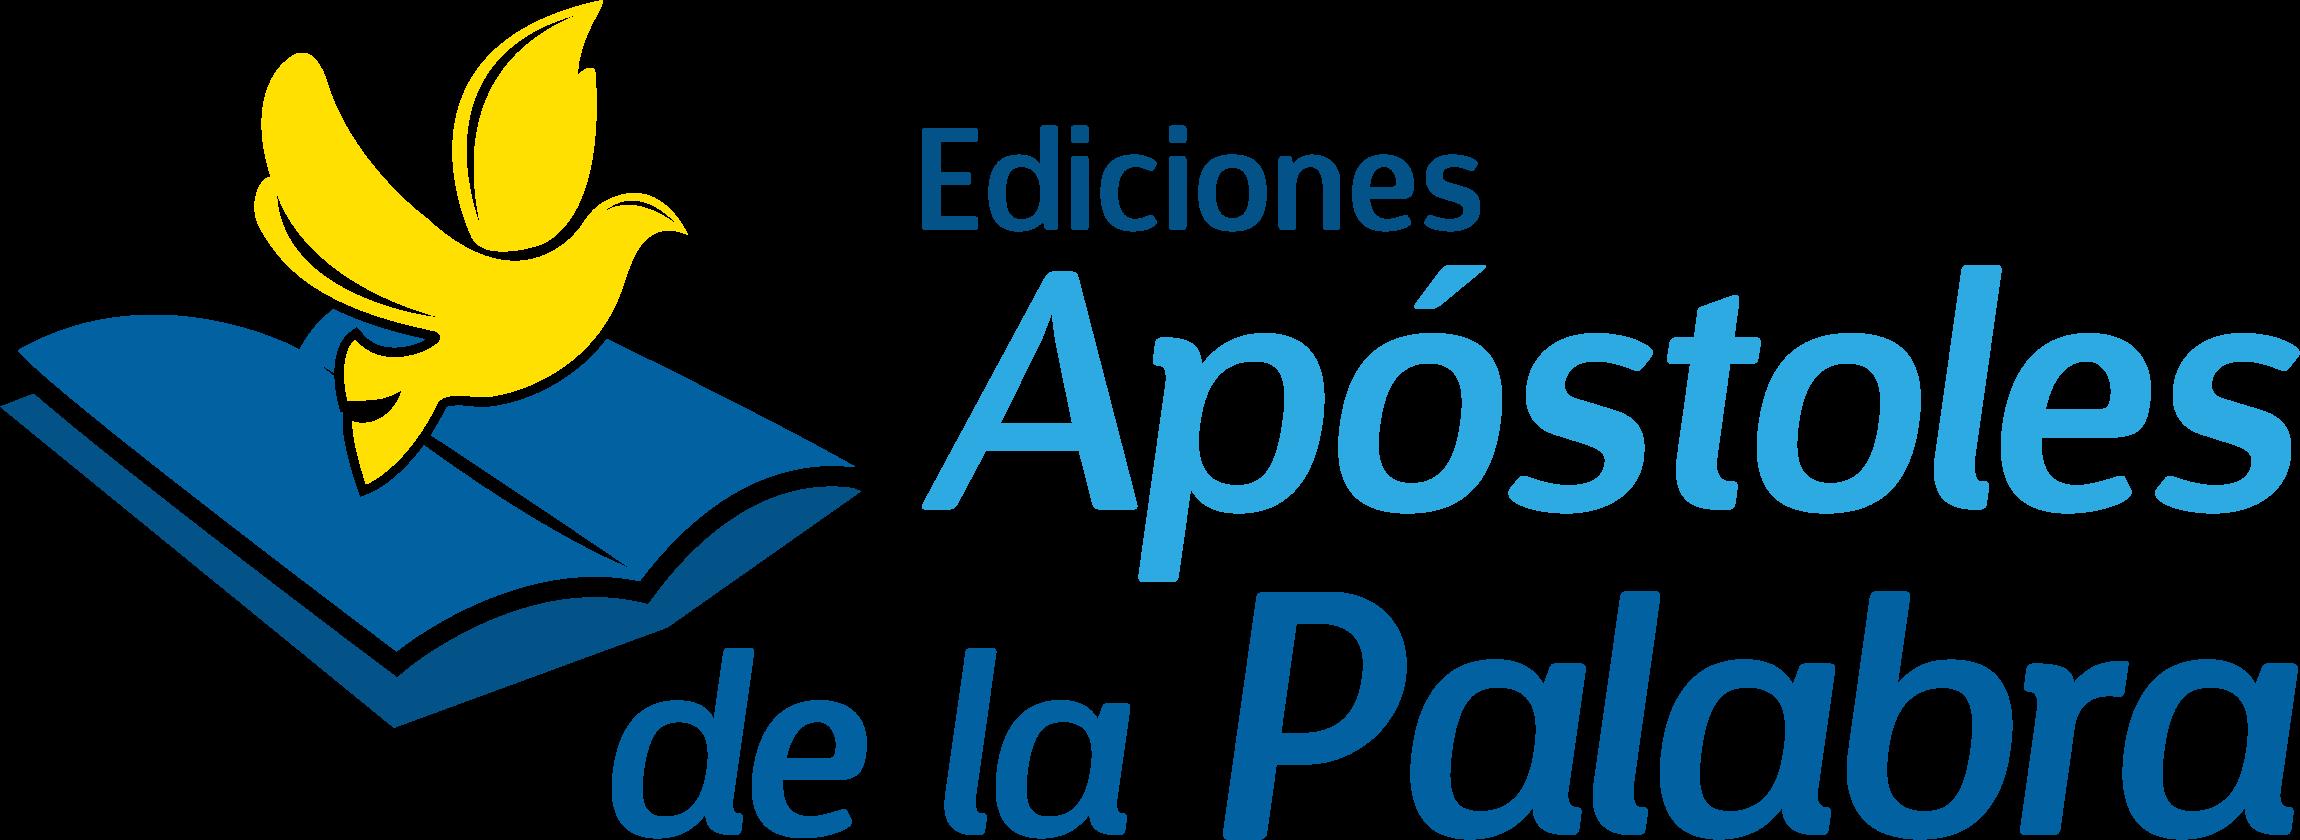 Ediciones Apóstoles de la Palabra